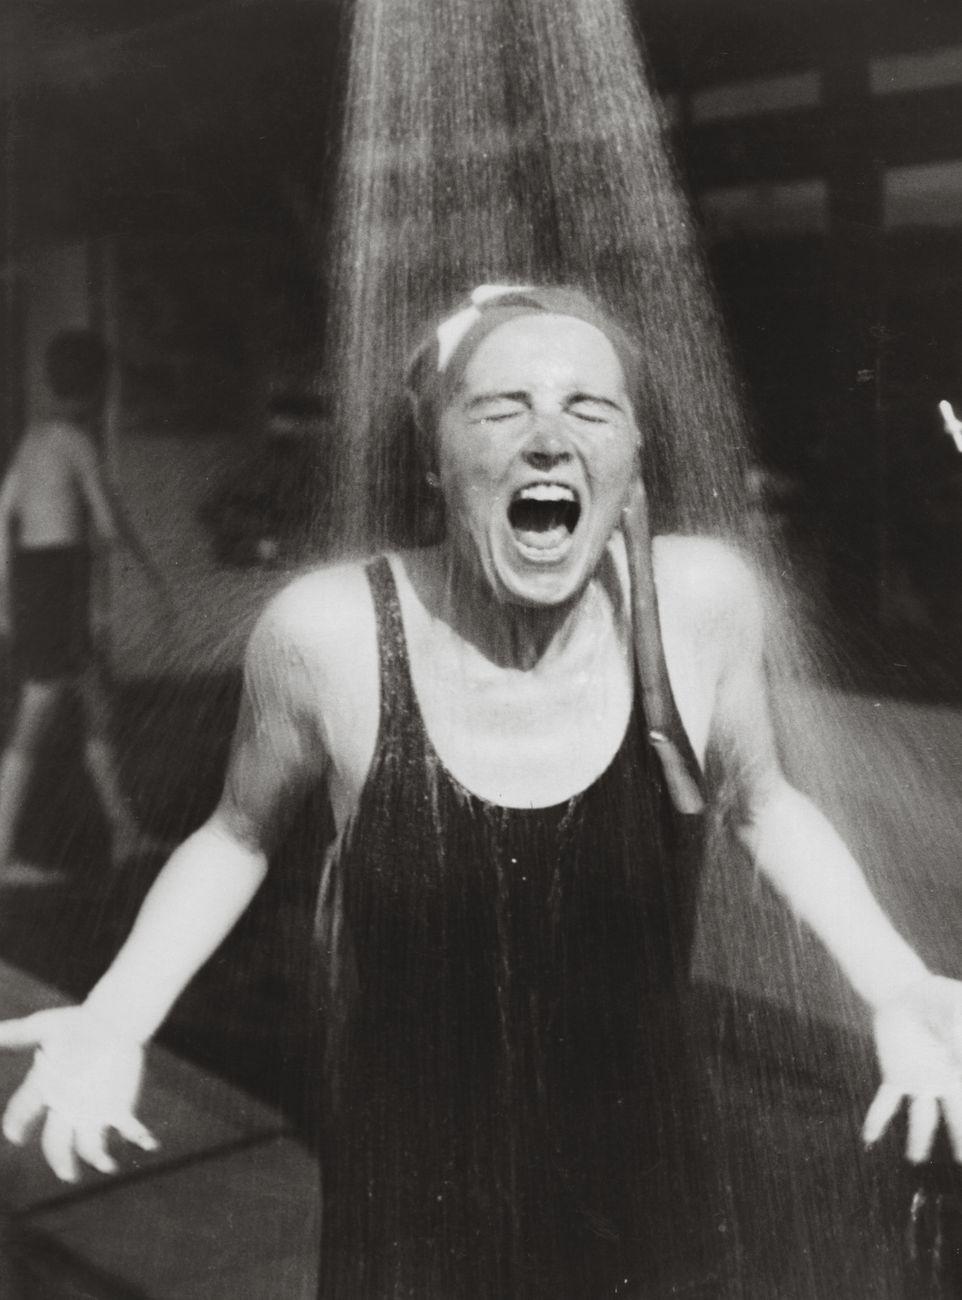 Elisabeth Hase, Senza titolo (Donna sotto la doccia), 1932 33 ca. © Estate of Elisabeth Hase. Courtesy Robert Mann Gallery